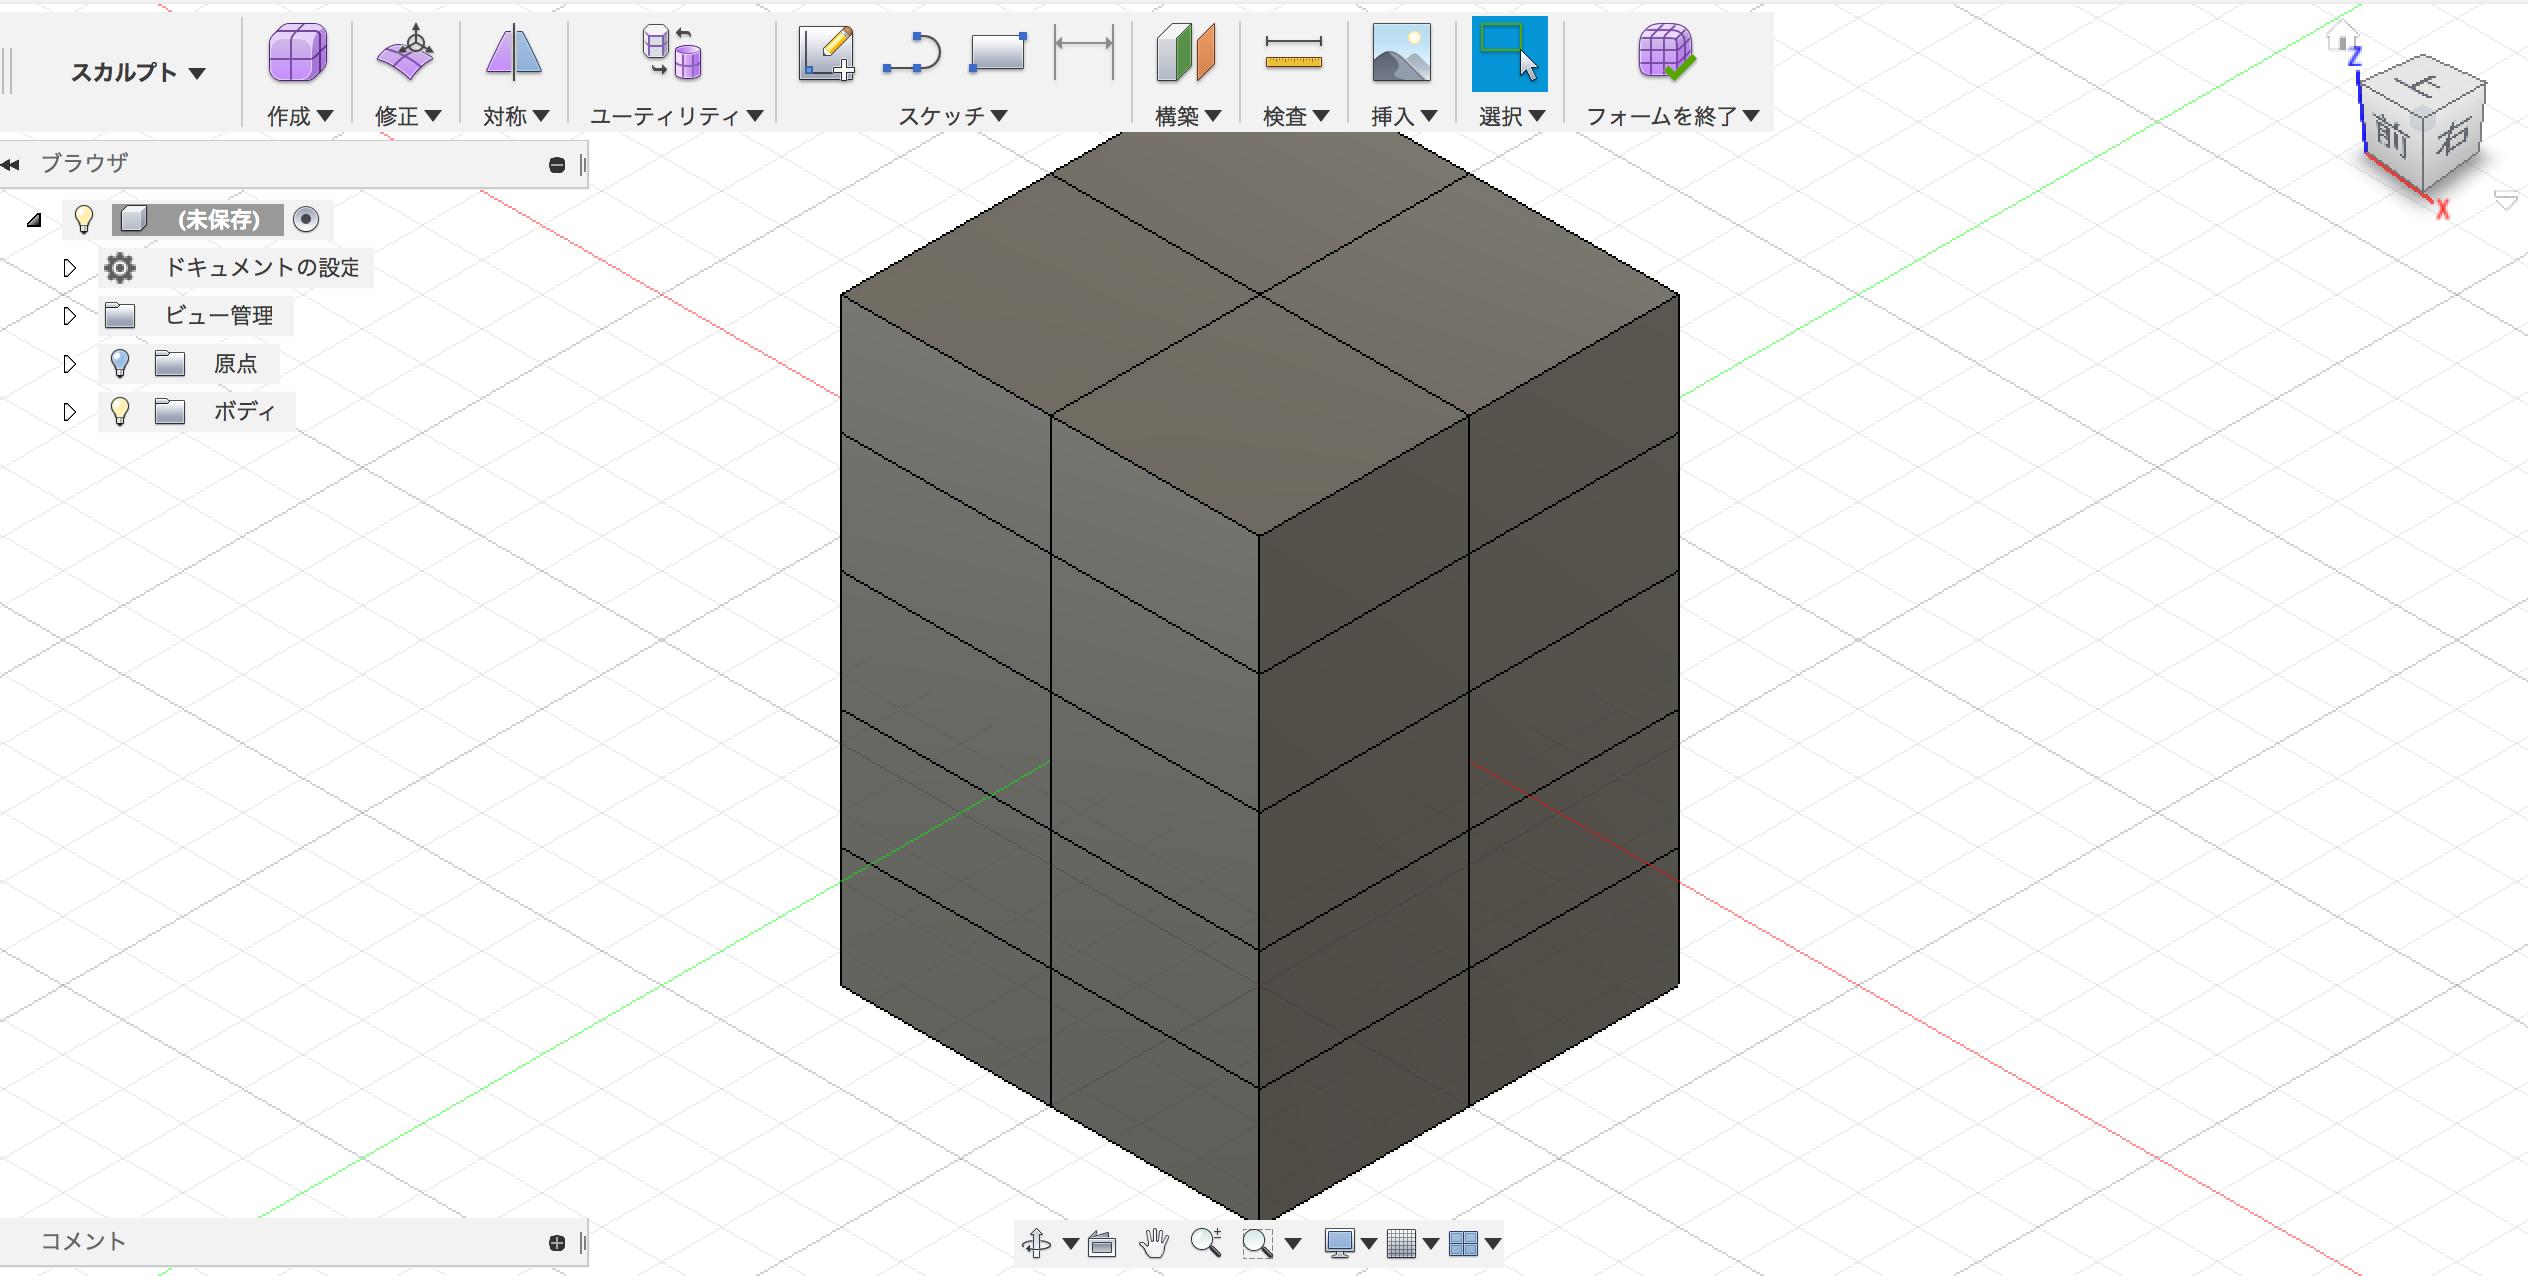 直方体をベースにする